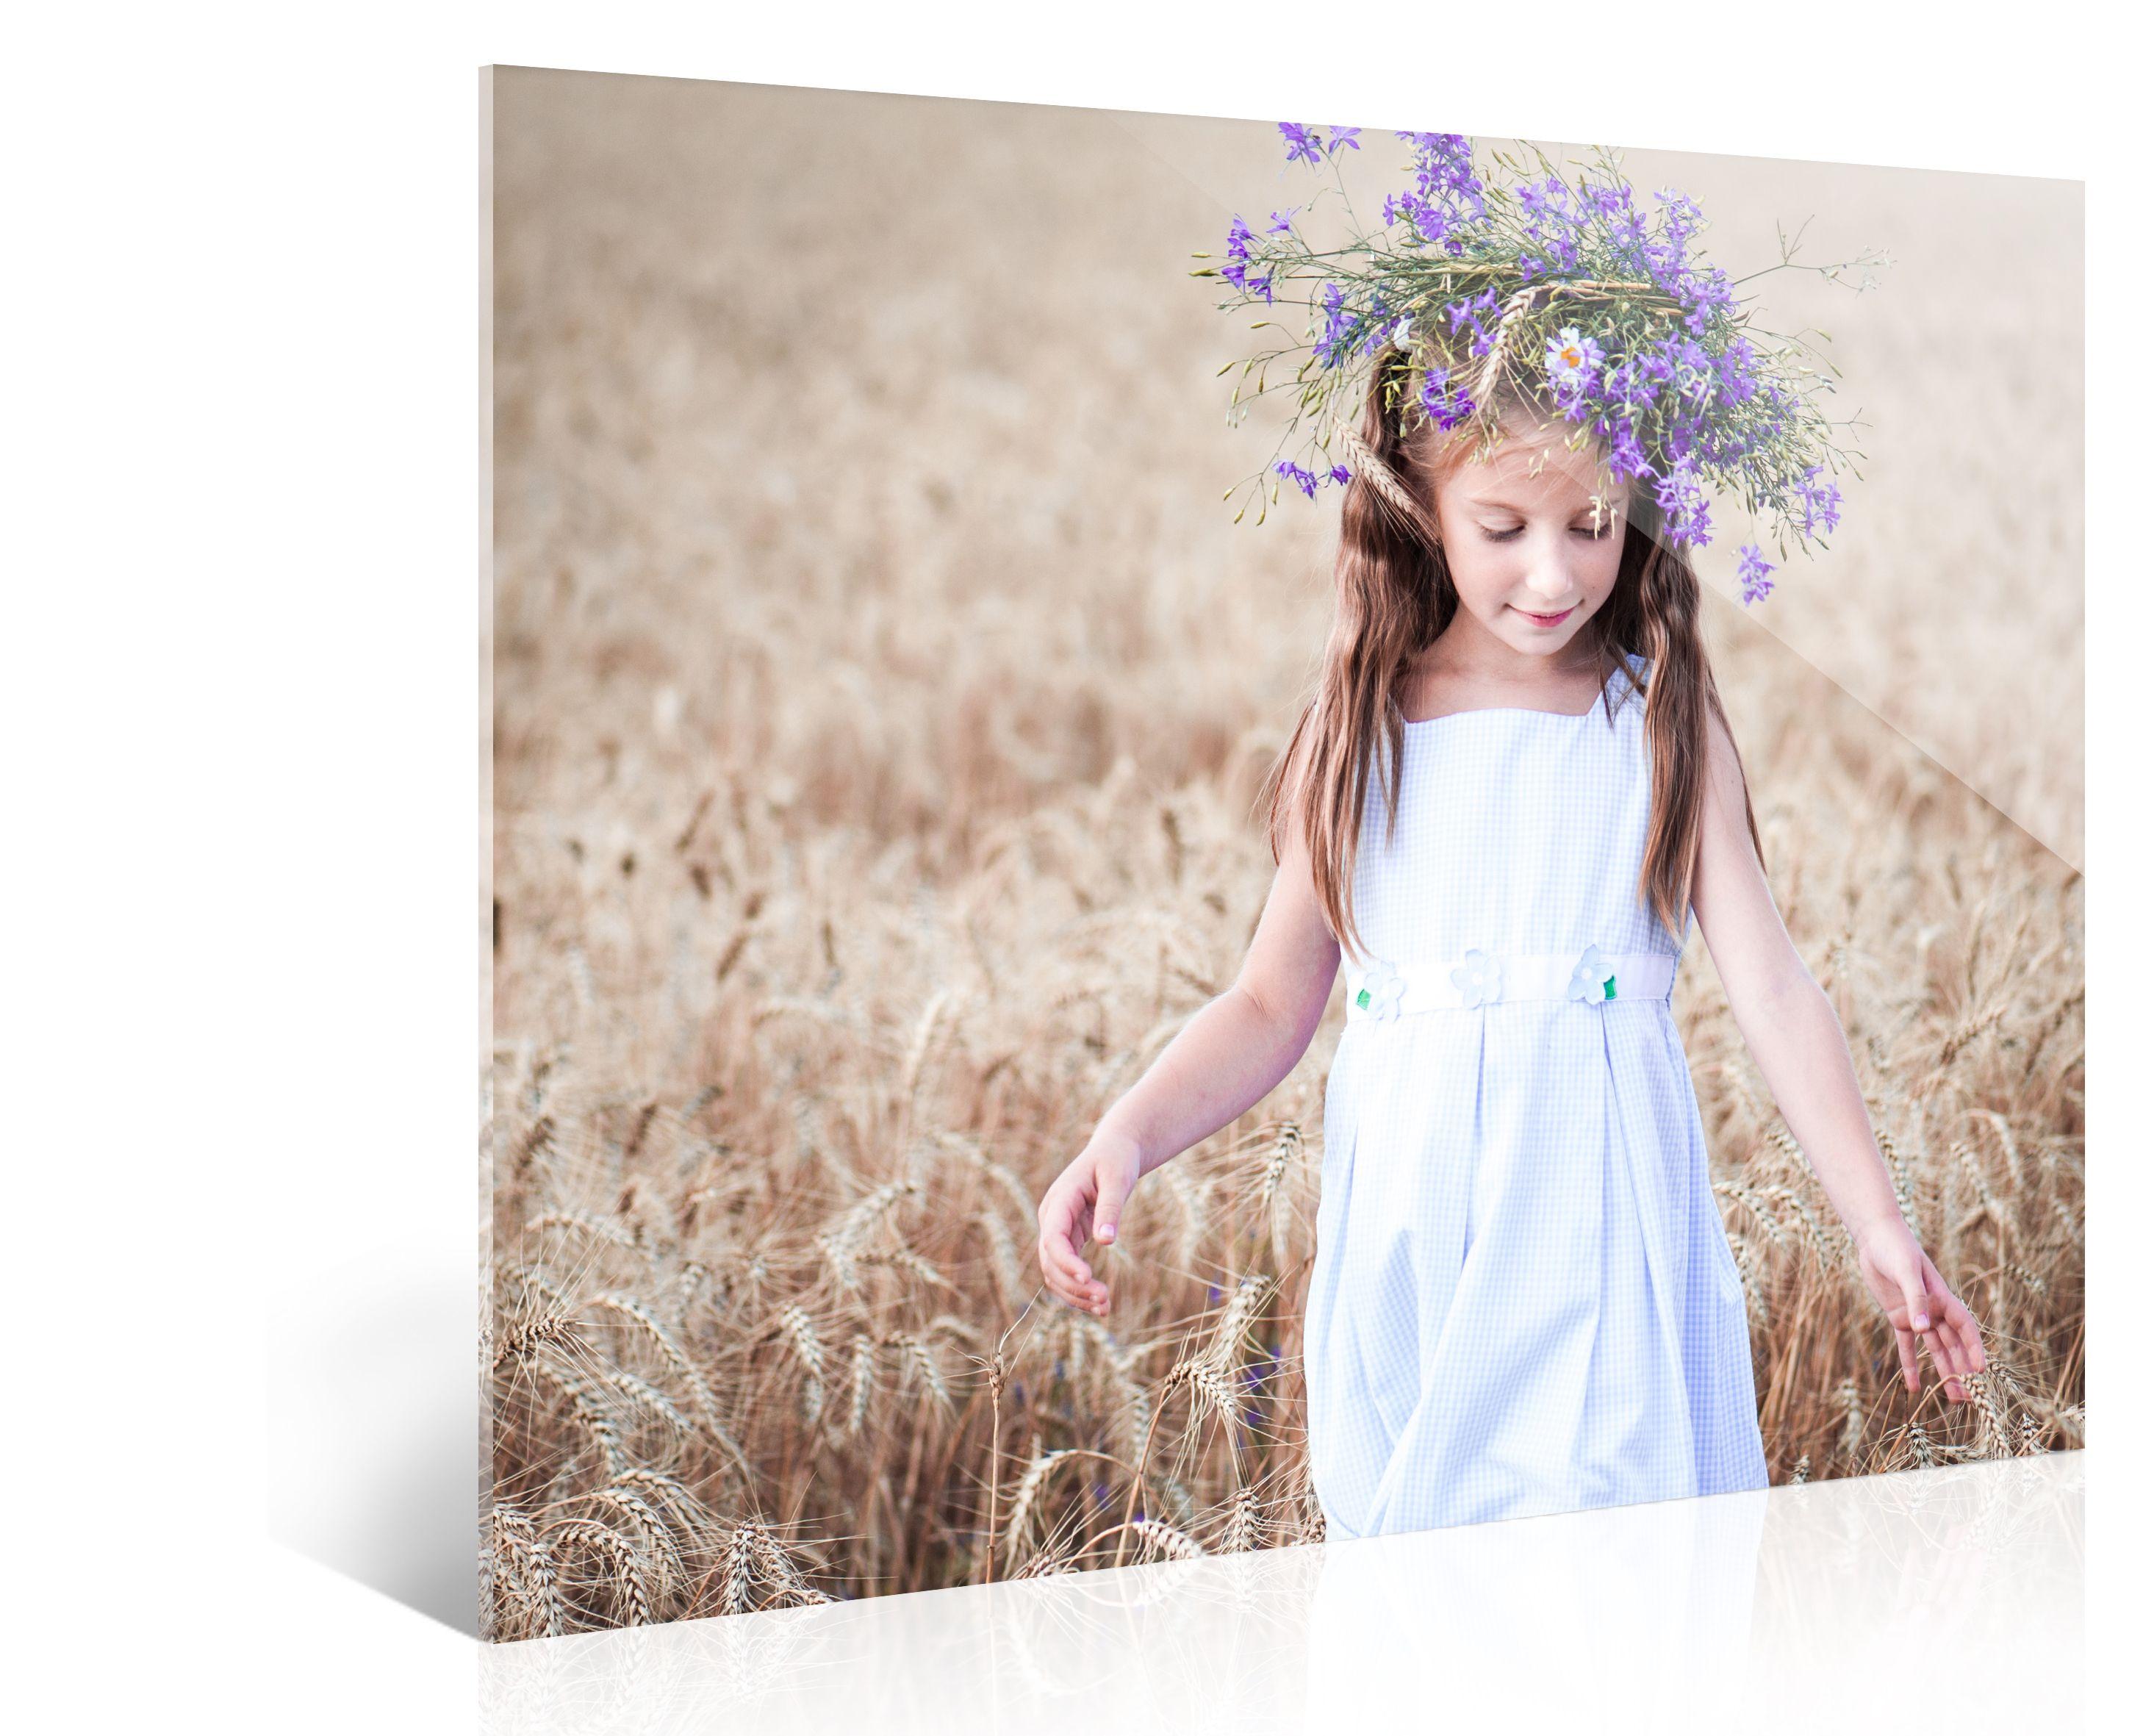 Ihr Foto auf Wandkunst. Jetzt bis zu 83% Rabatt. http://www.meinfoto.de/ #meinfoto #wanddeko #wandkunst #rabatt